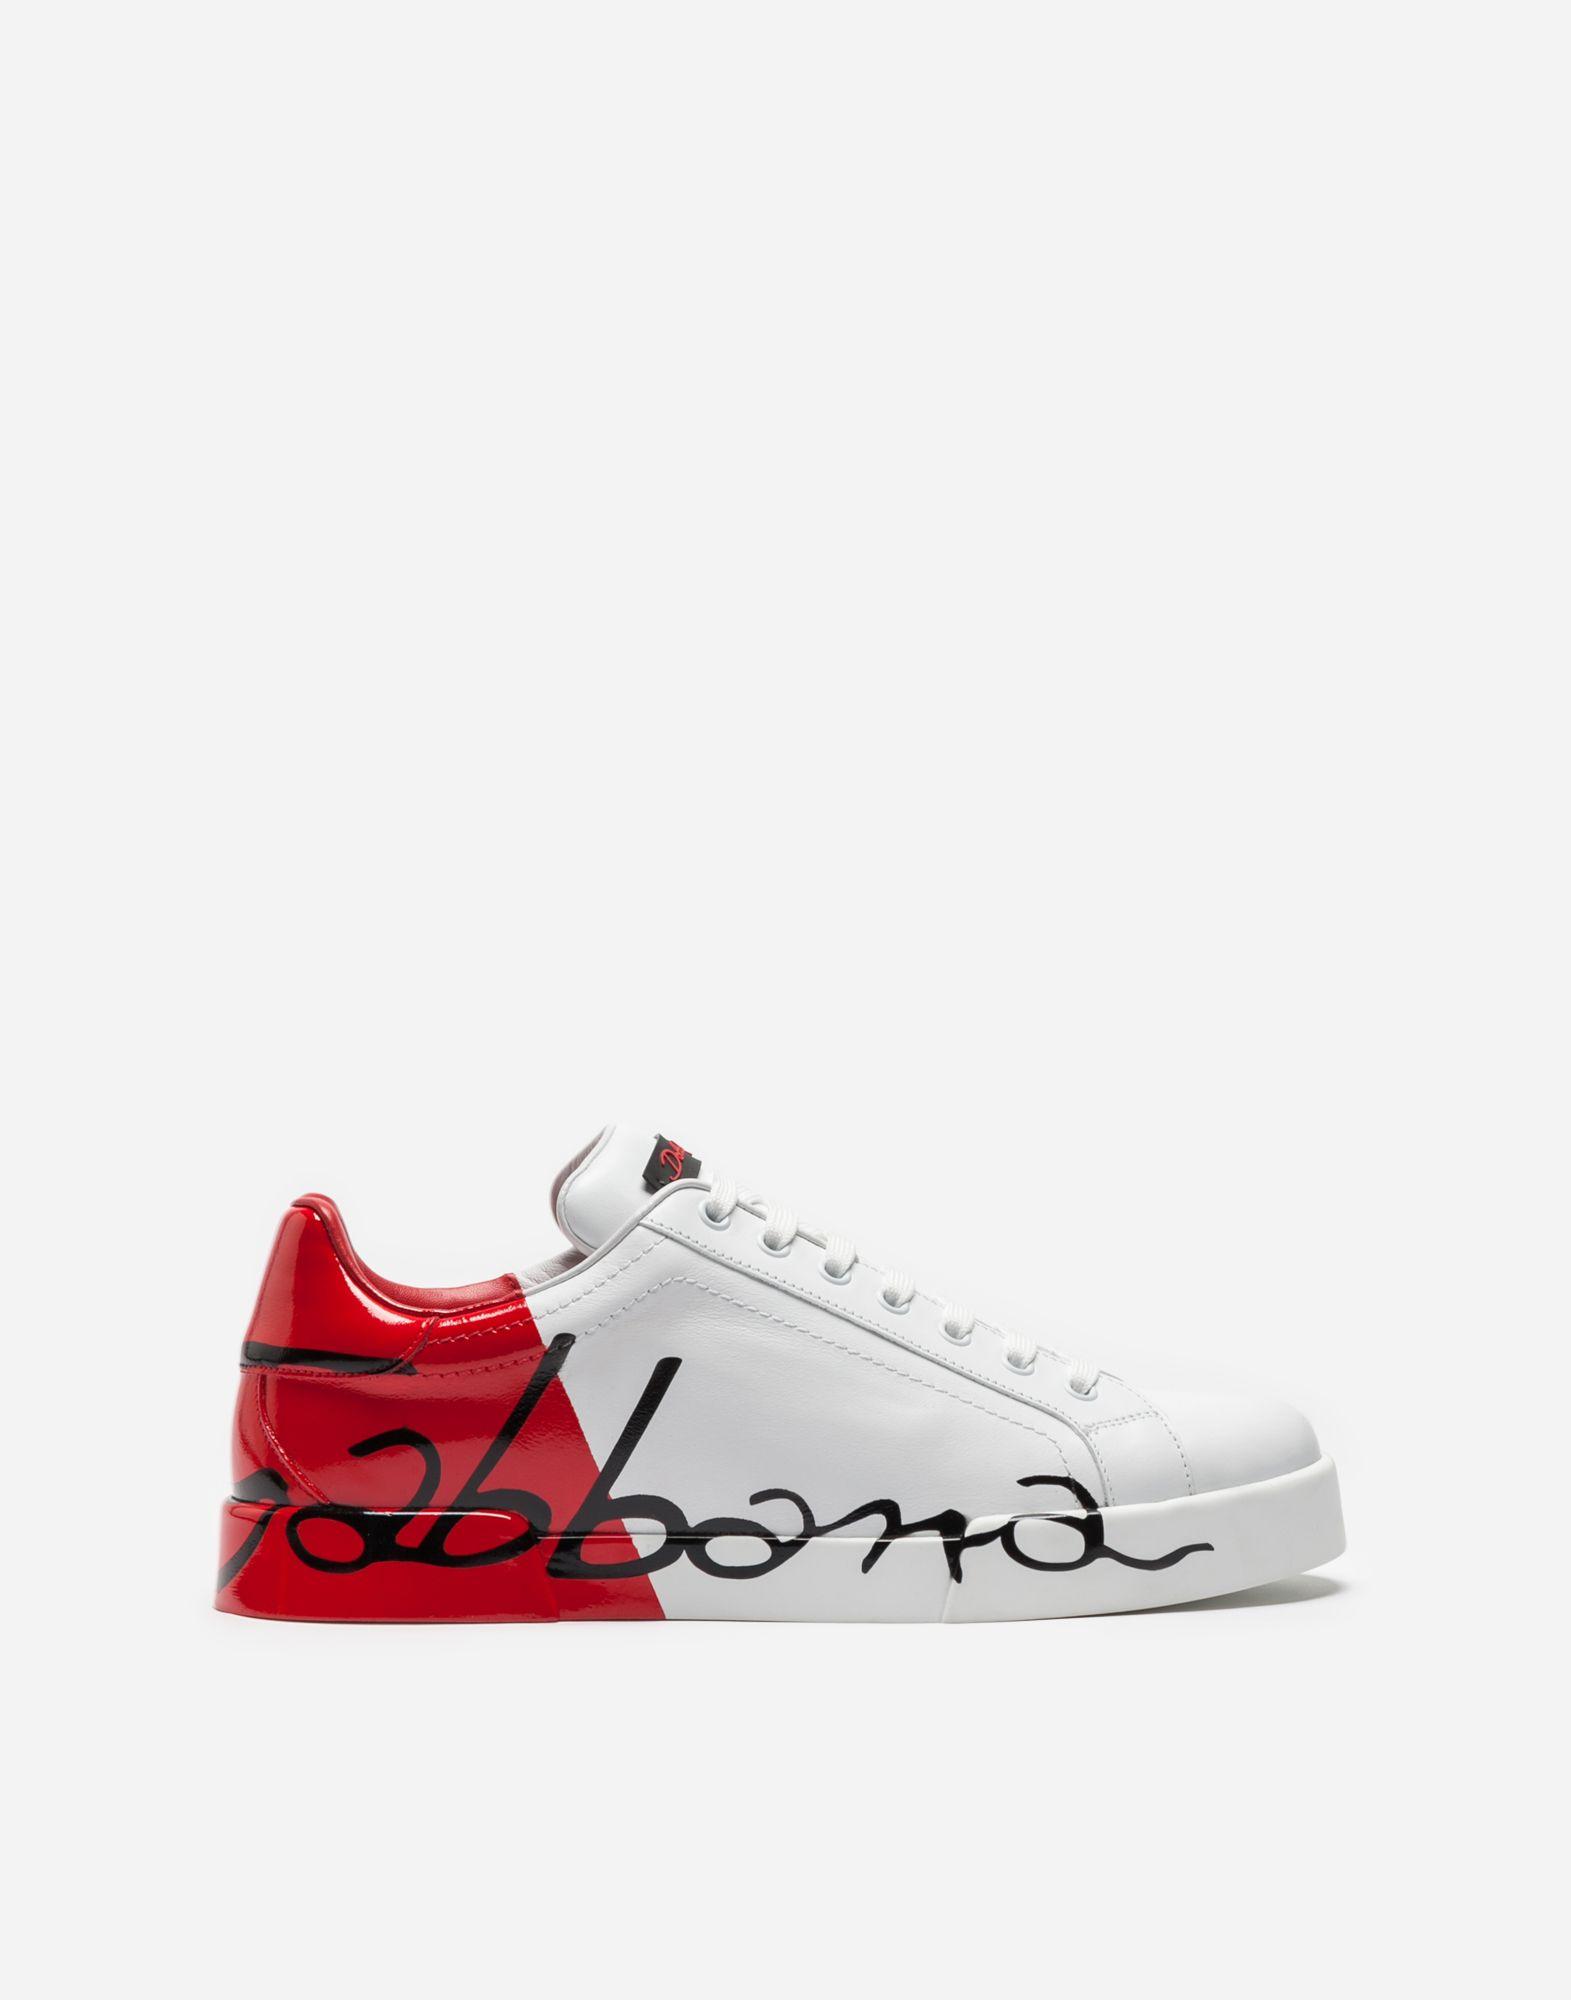 d&g shoes online